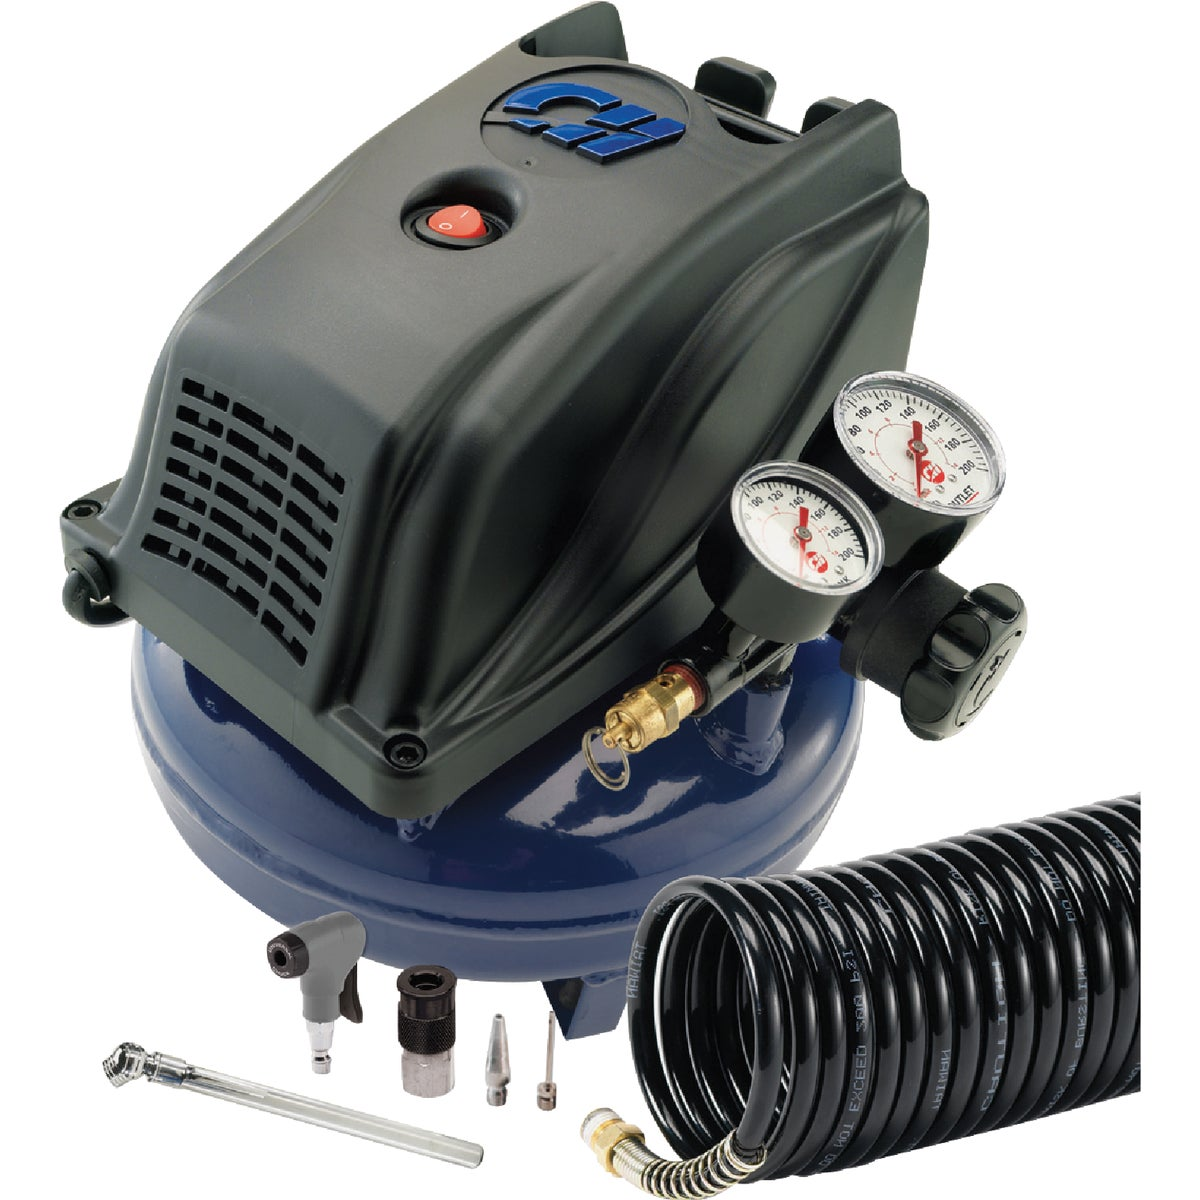 Campbell Hausfeld 1 Gal. Pancake Air Compressor Kit